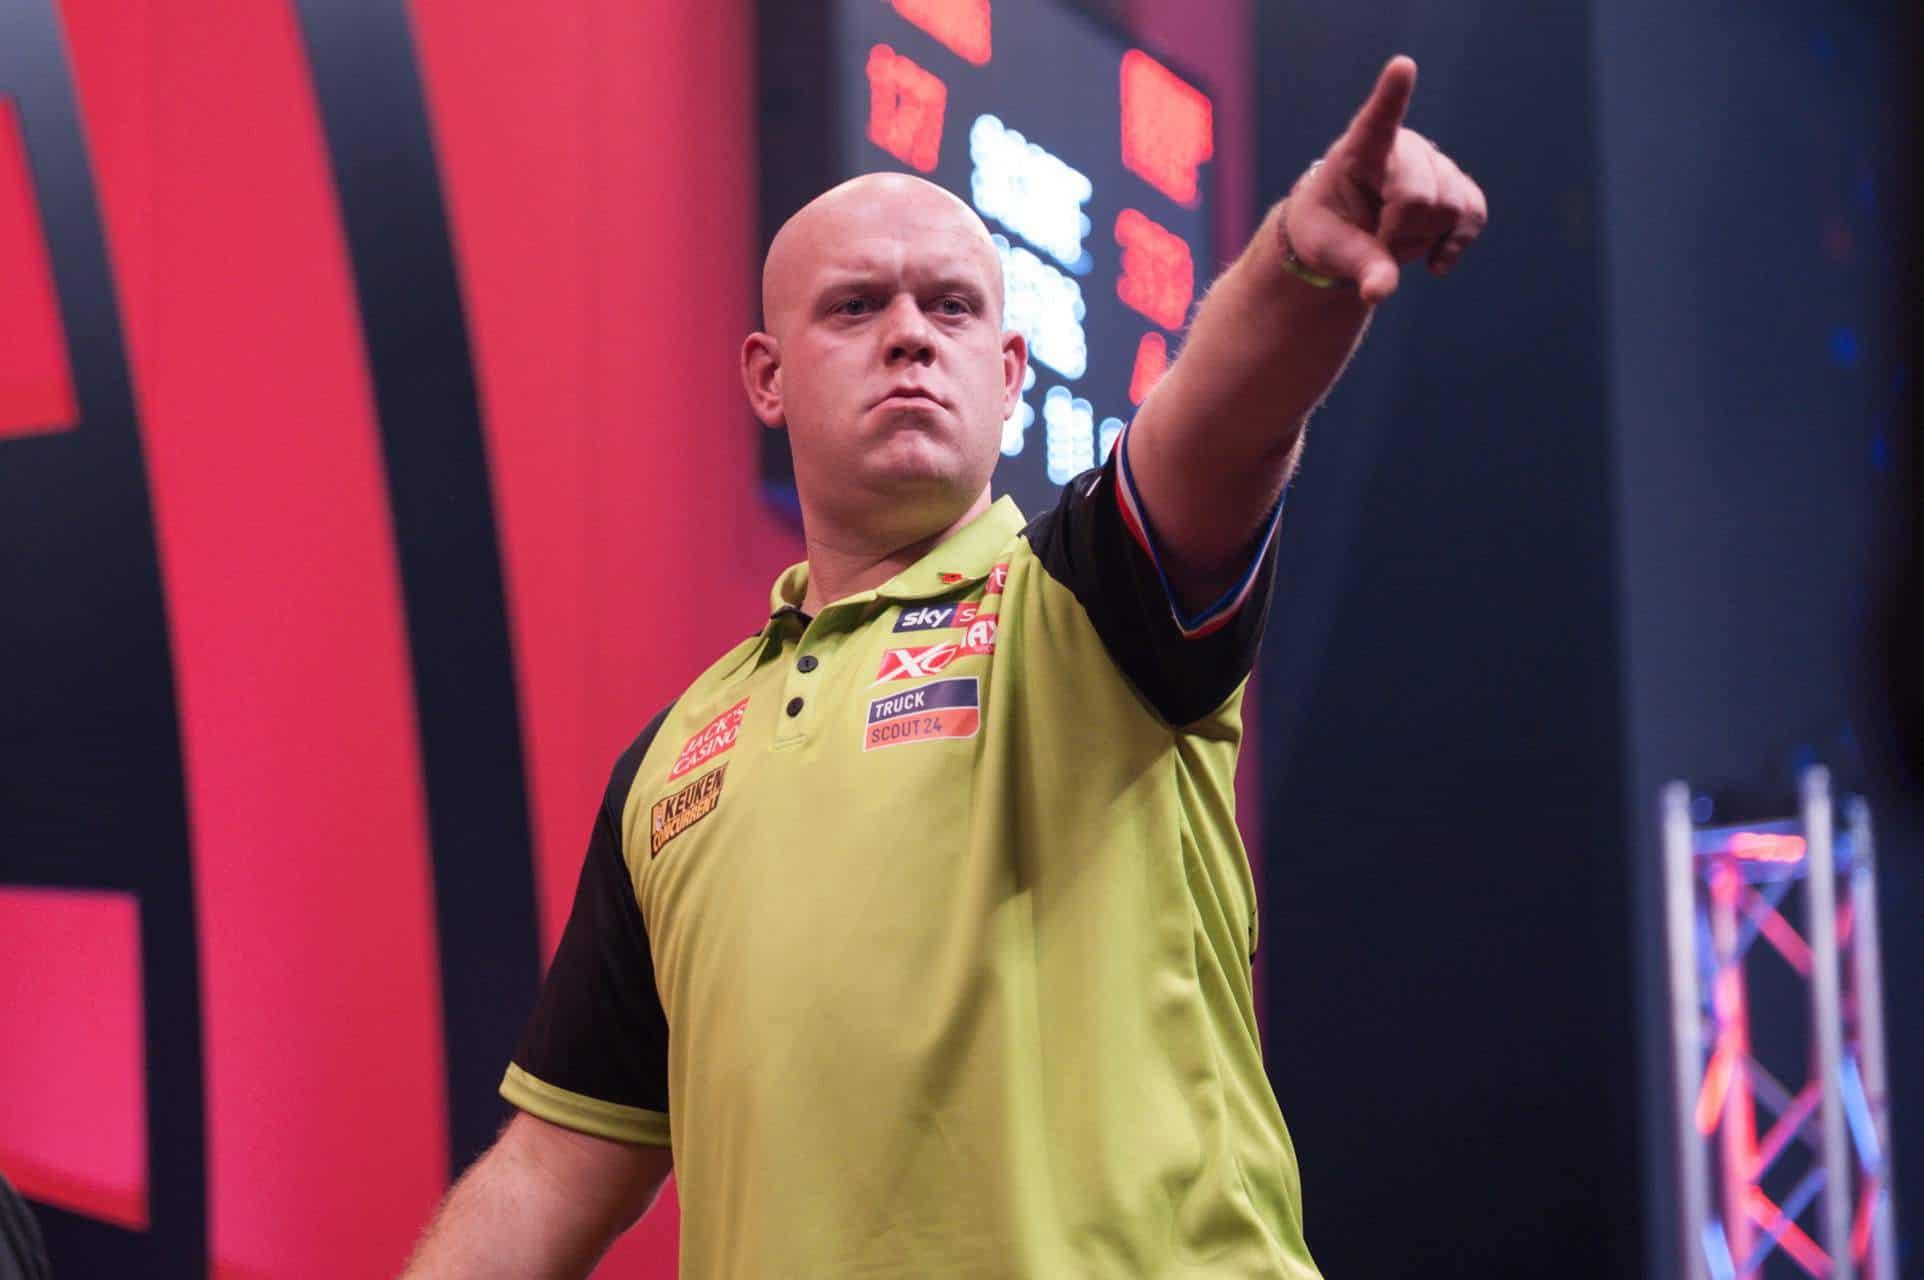 Draw 2021 World Series of Darts Finals: Van Gerwen to face Kuivenhoven or Henderson, Price against De Zwaan or Van Duijvenbode